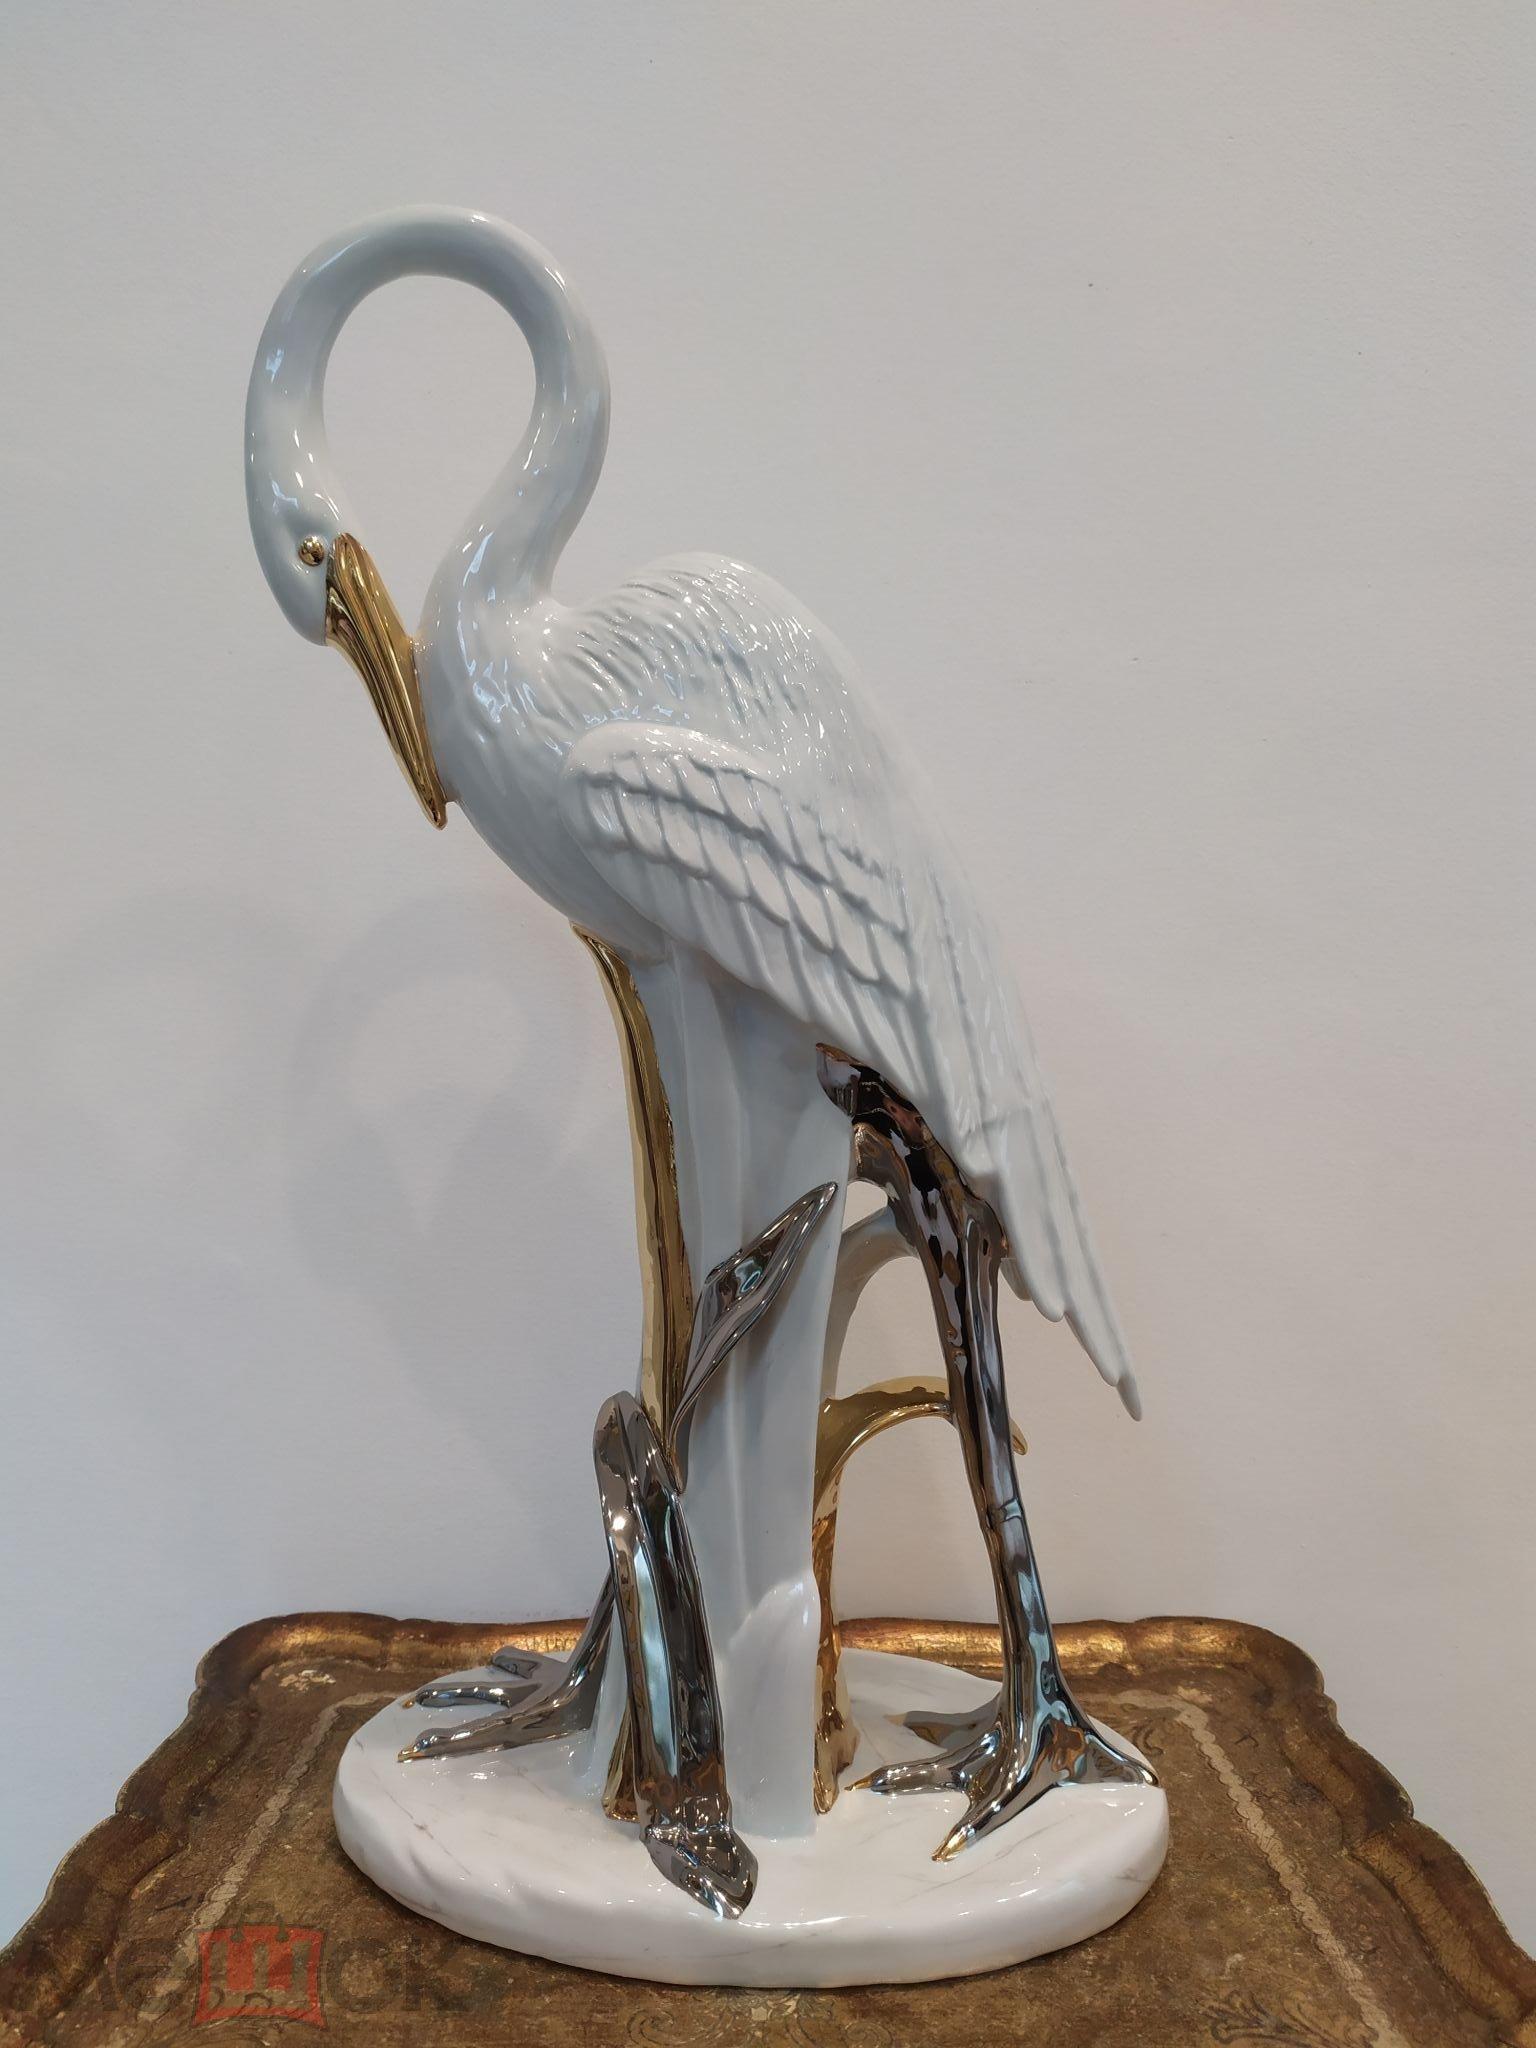 Фарфоровая статуэтка Огромная 54 см Цапля Птица Птичка.Италия.AHURA.Редкость!